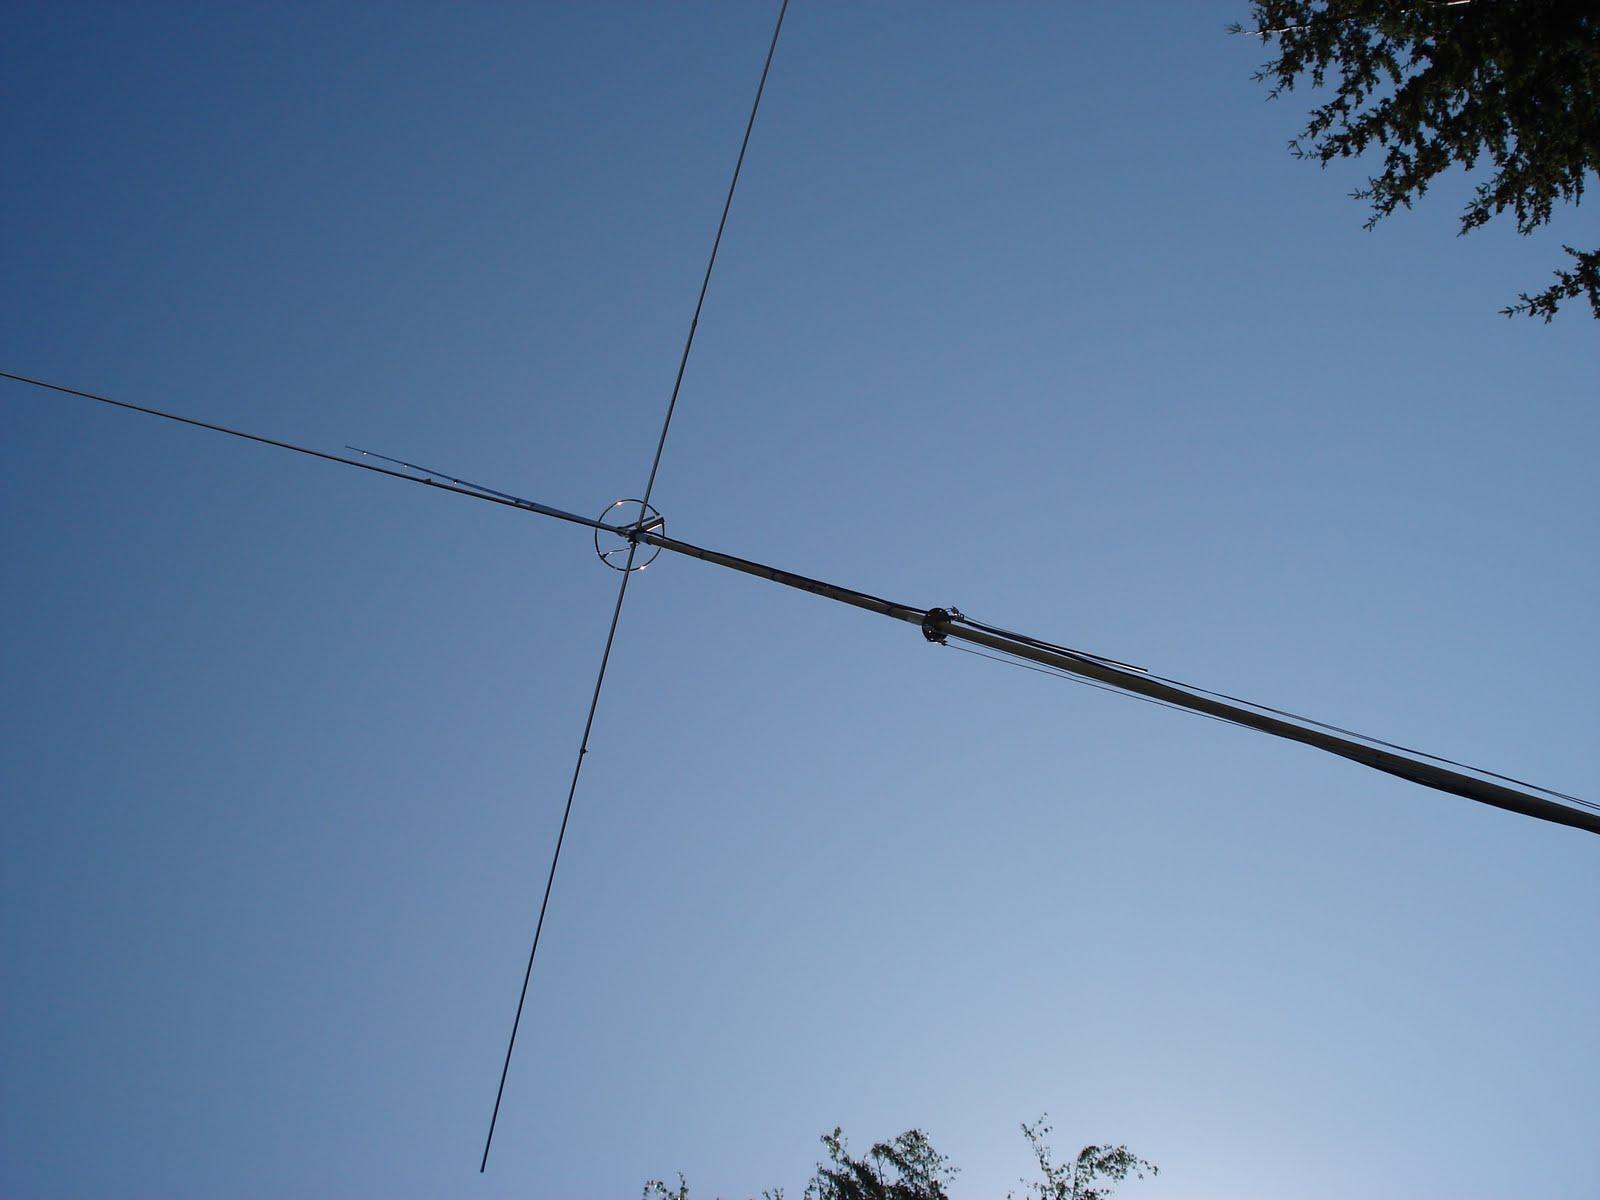 11 Meter Cb Antennas 2mt454 Homemade Antenna Wiring Diagram